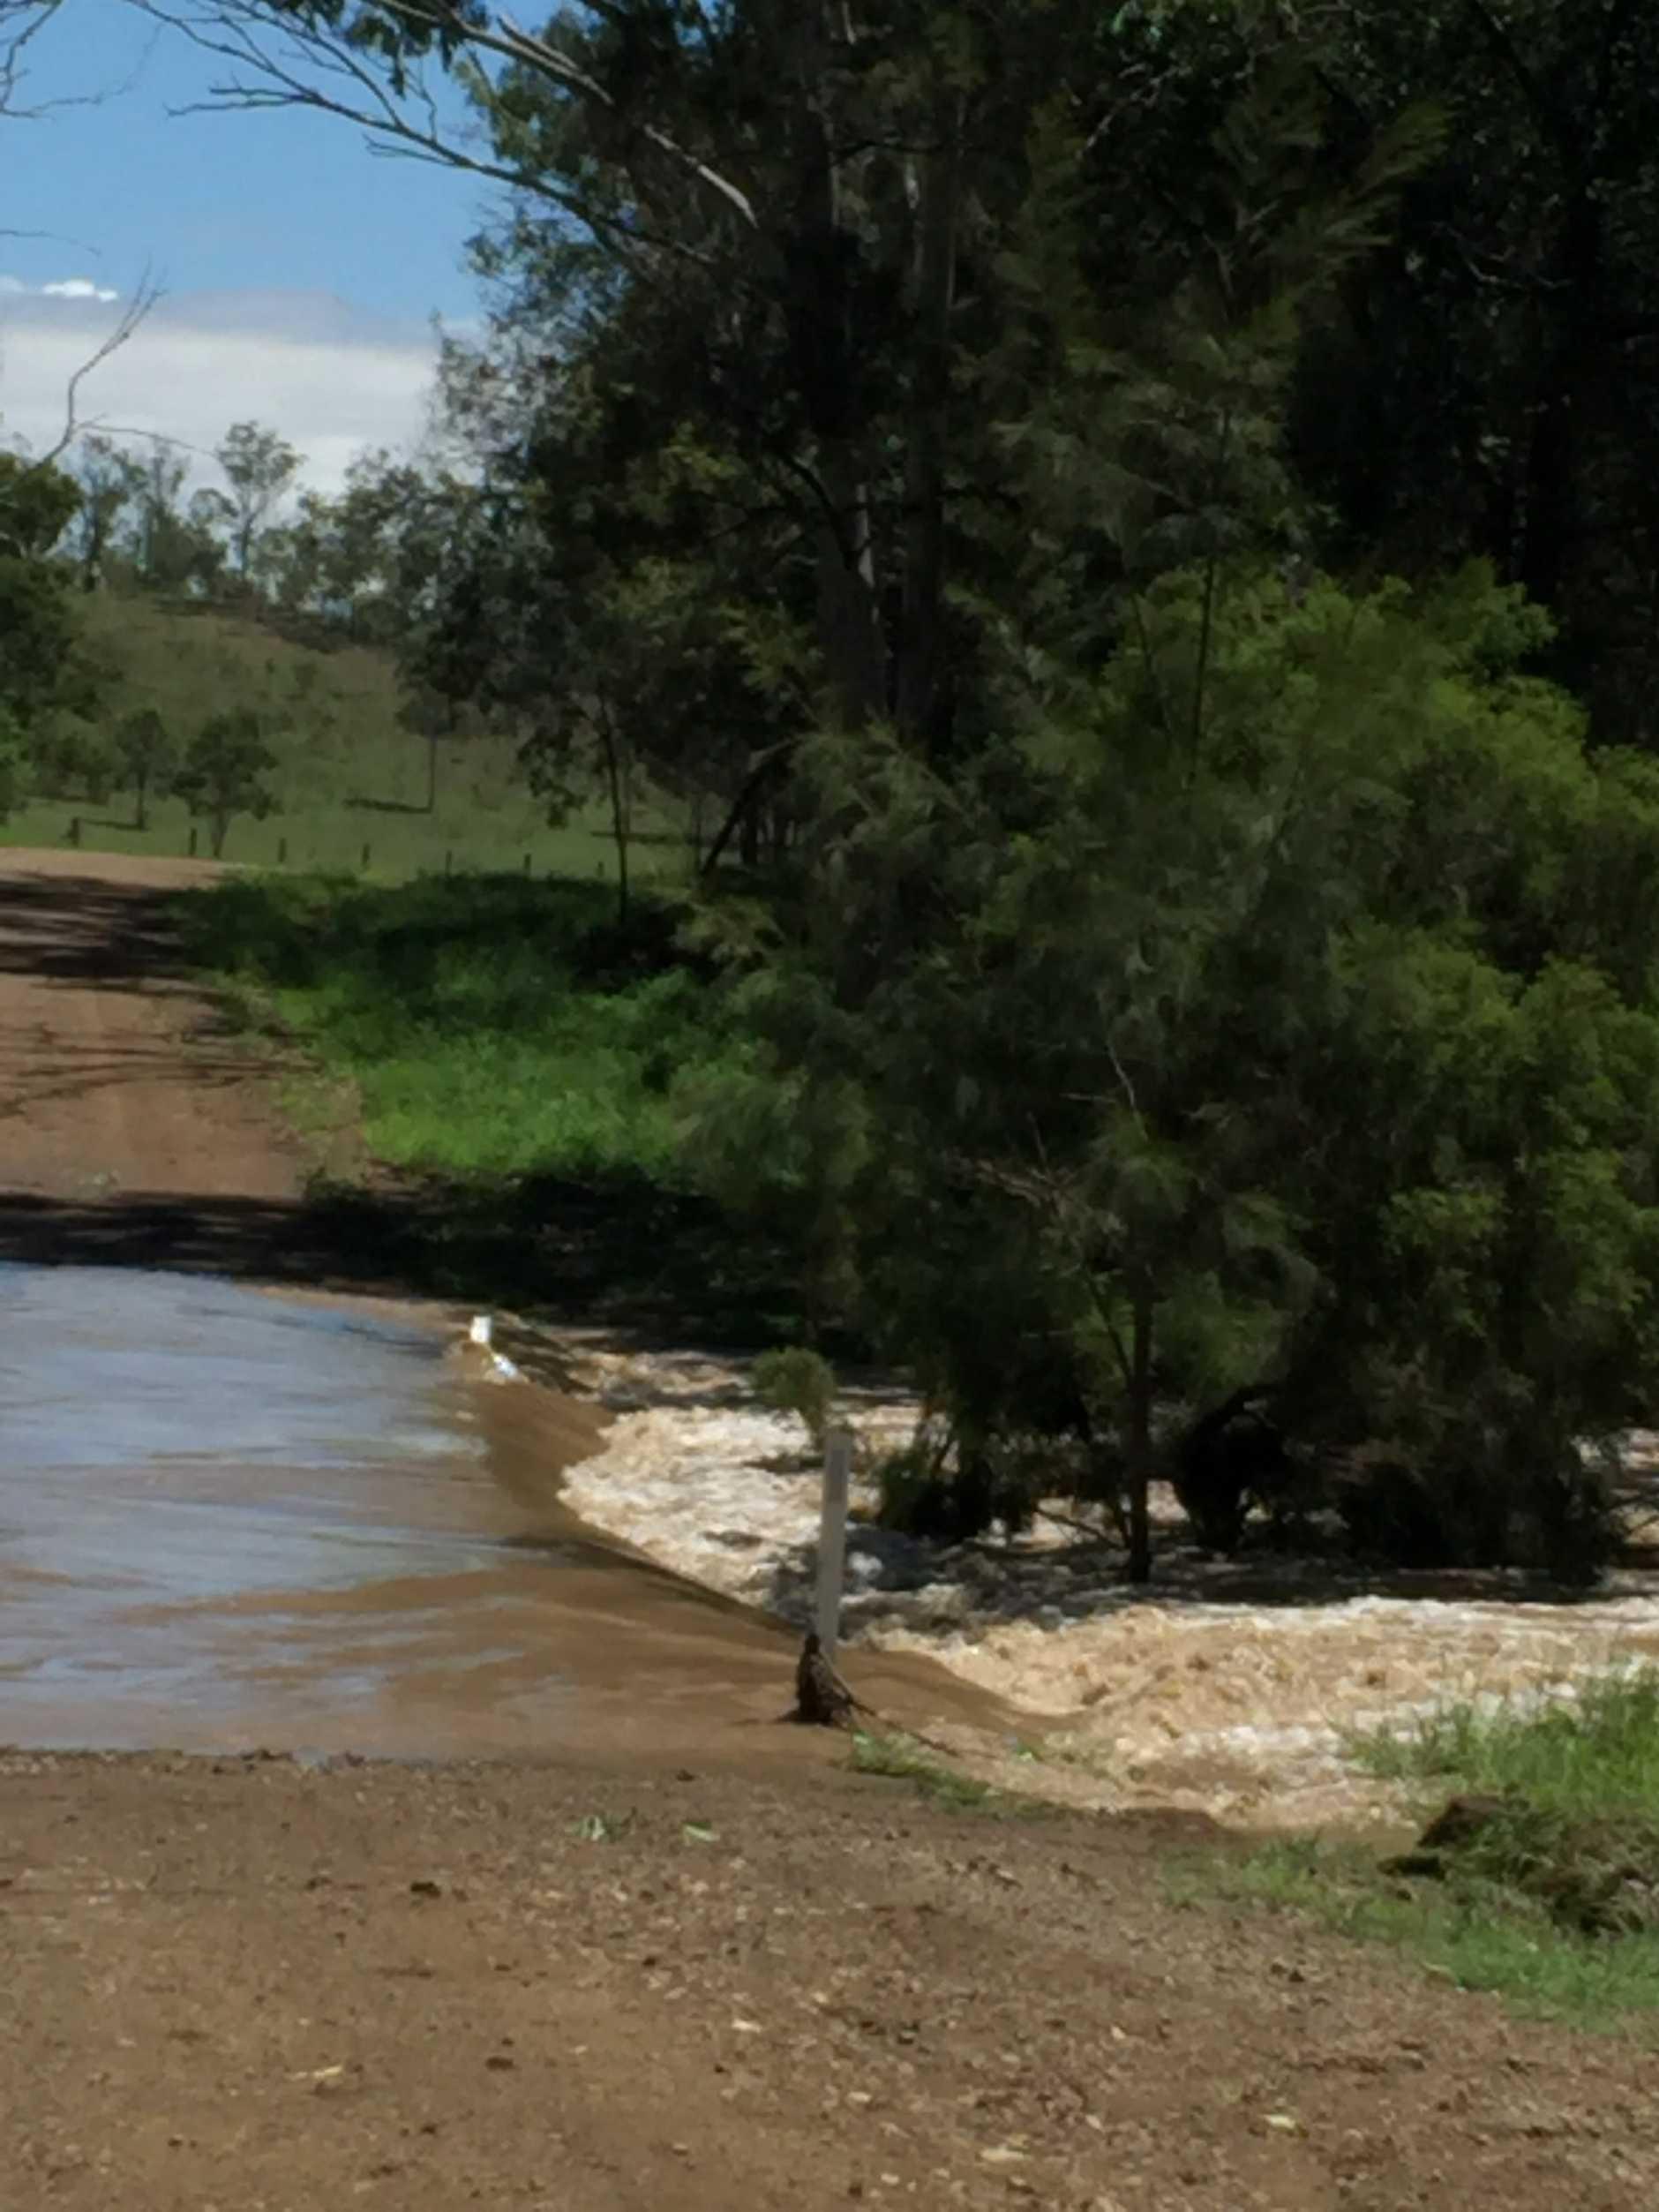 Flood waters across Mt Shamrock Rd.